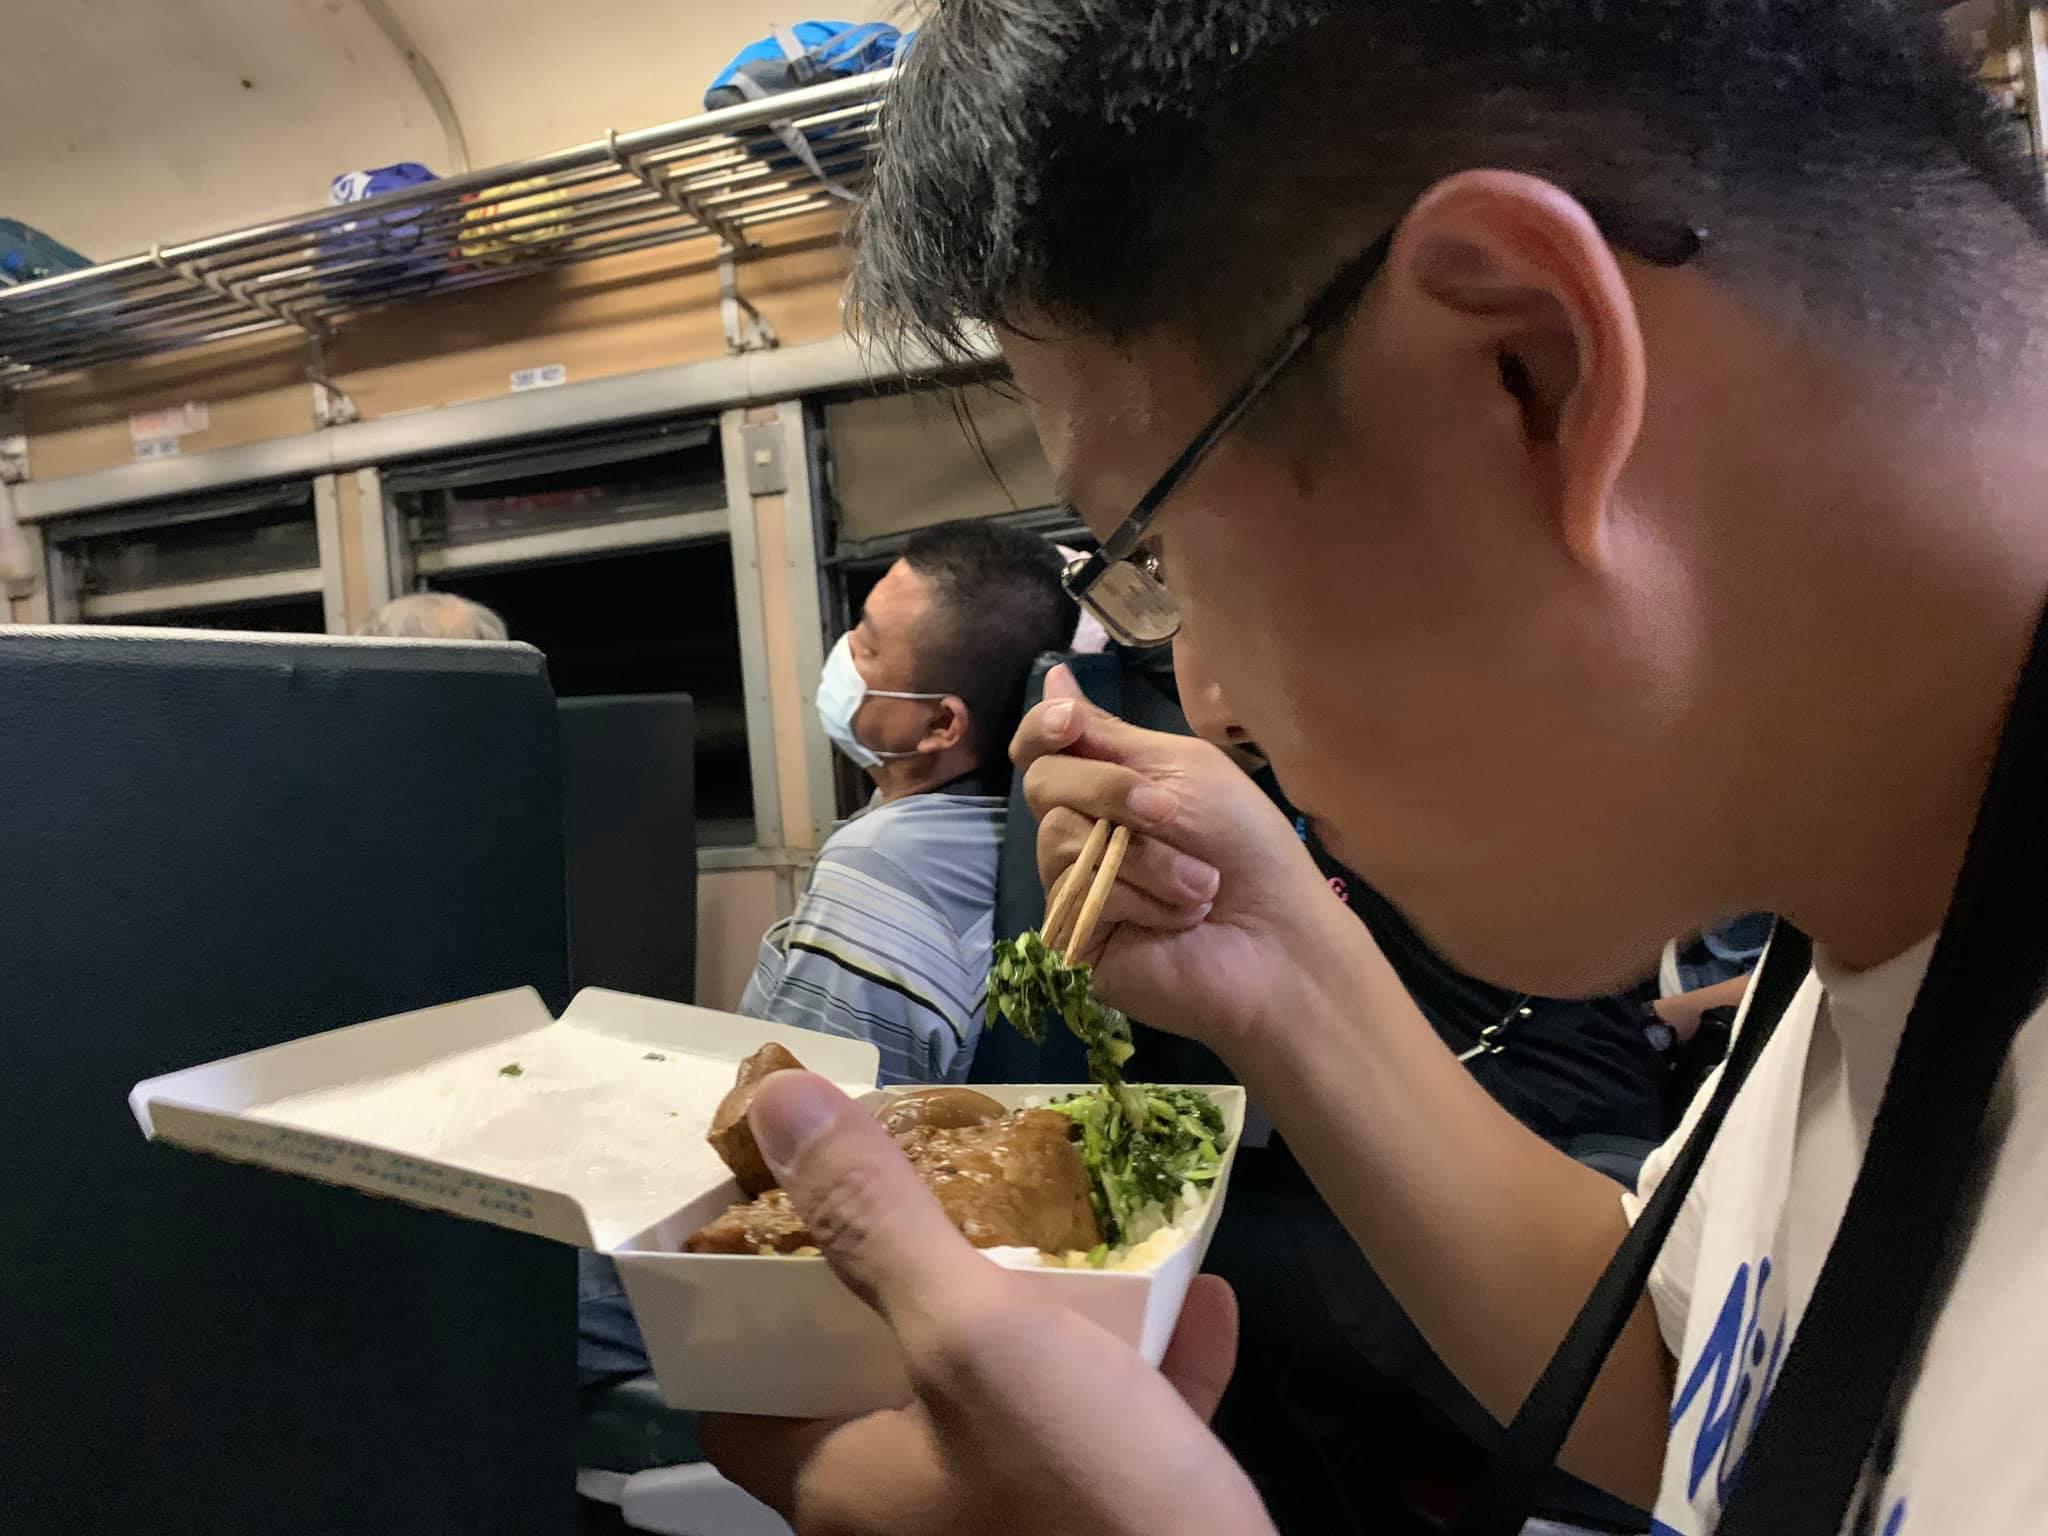 搭南迴鐵路,吃台鐵便當是唯一的選擇。